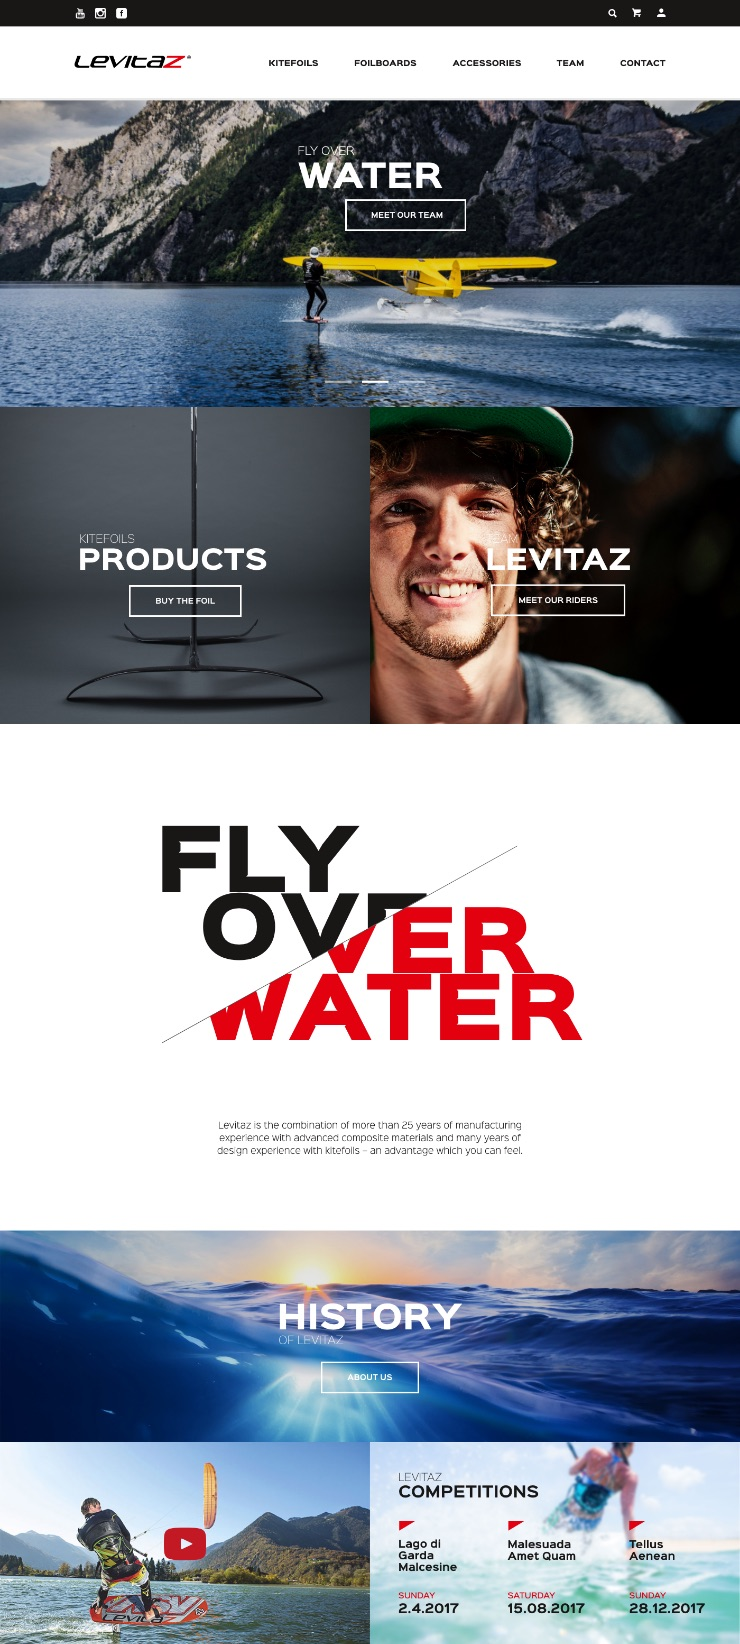 q2_werbeagentur_denken_web-design_levitaz